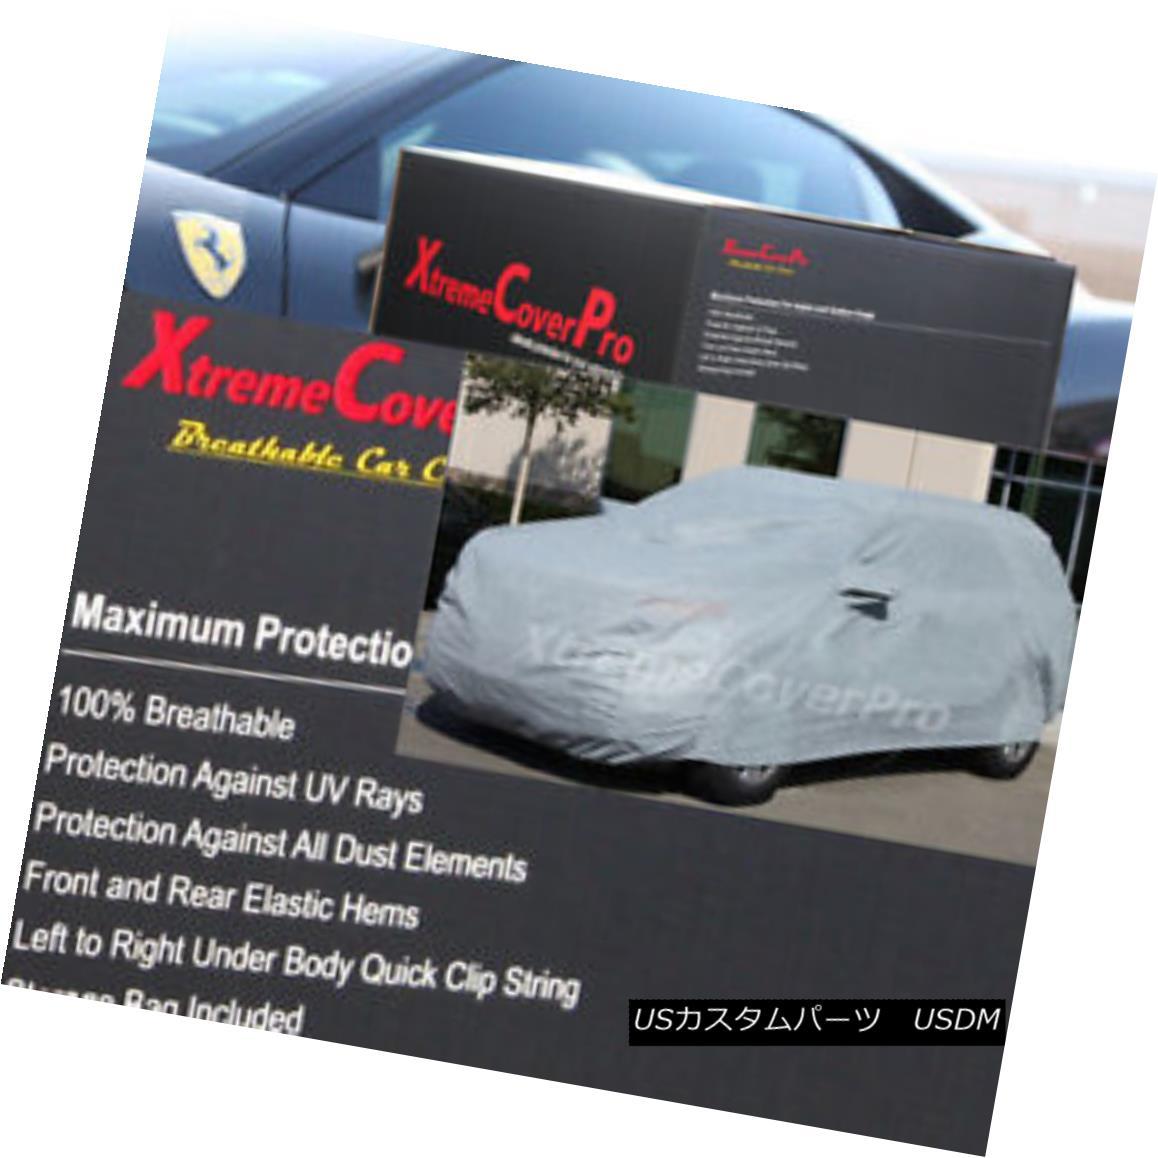 カーカバー 2004 2005 2006 2007 Toyota Land Cruiser Breathable Car Cover w/MirrorPocket 2004年2005年2006年2007トヨタランドクルーザー通気性車カバー付き(MirrorPocket)